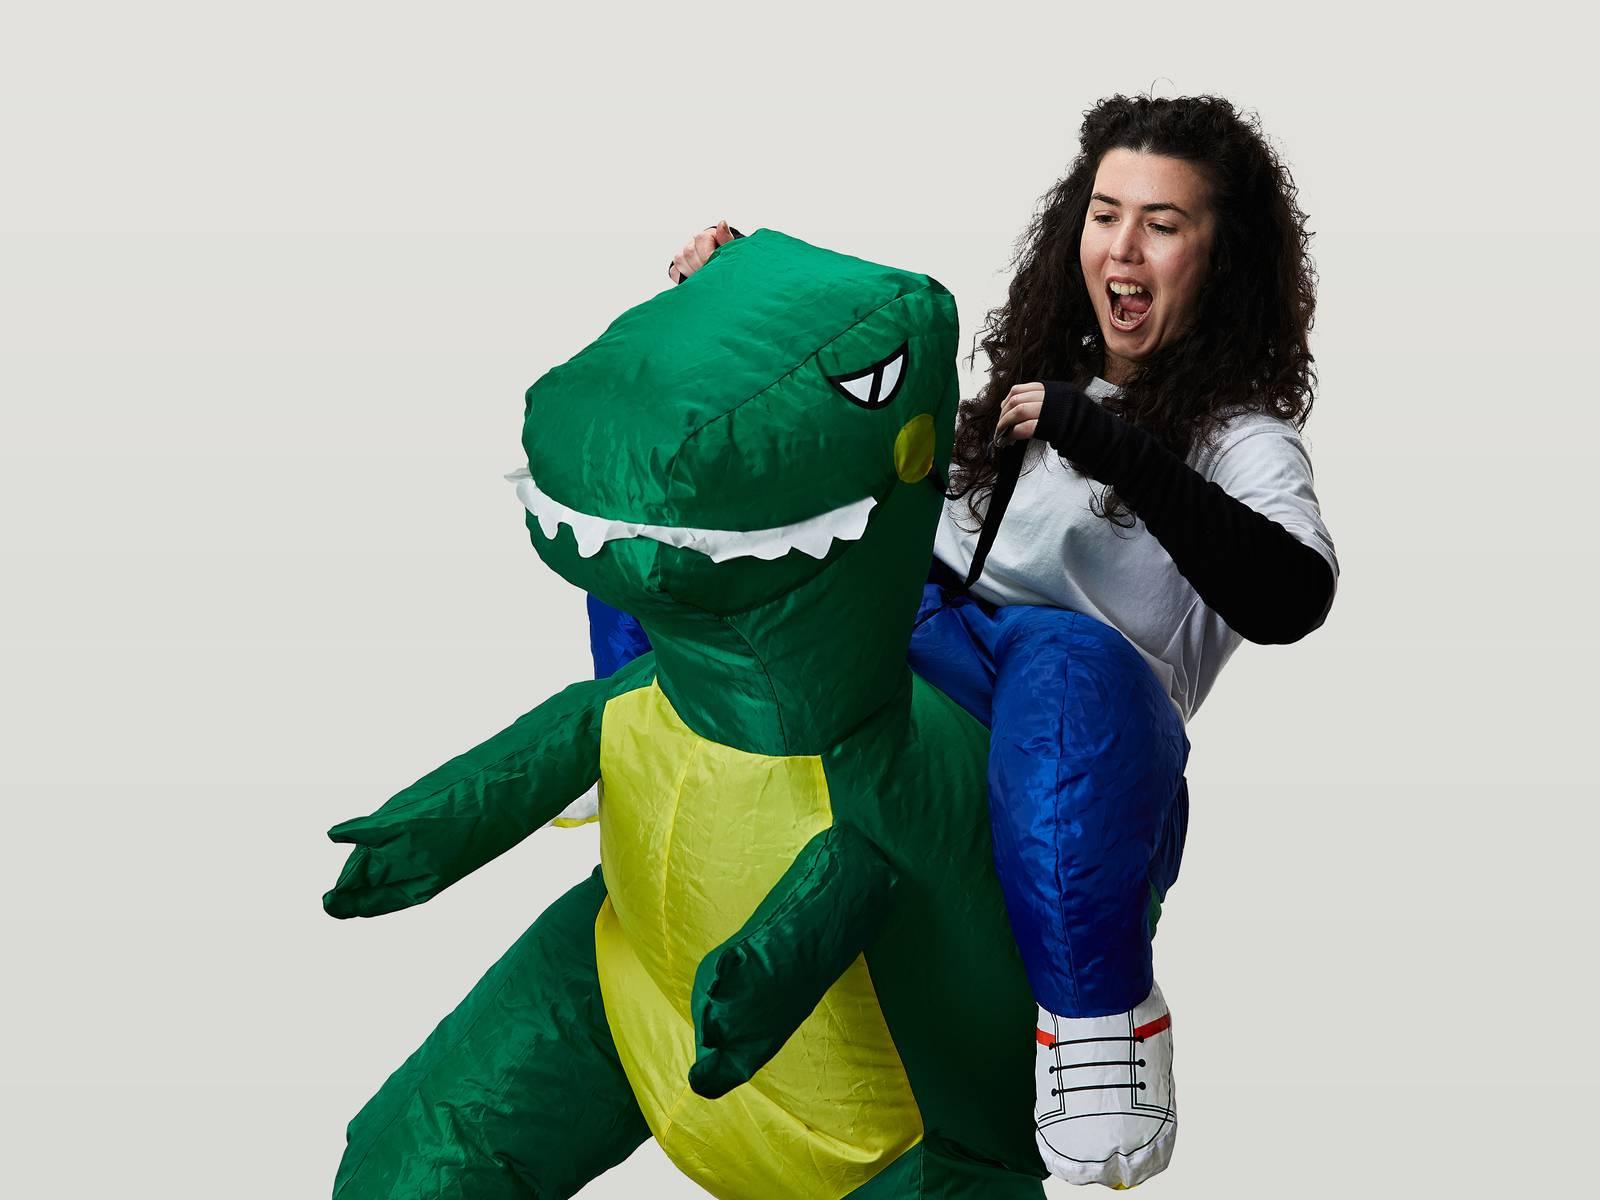 Emma riding a dinosaur